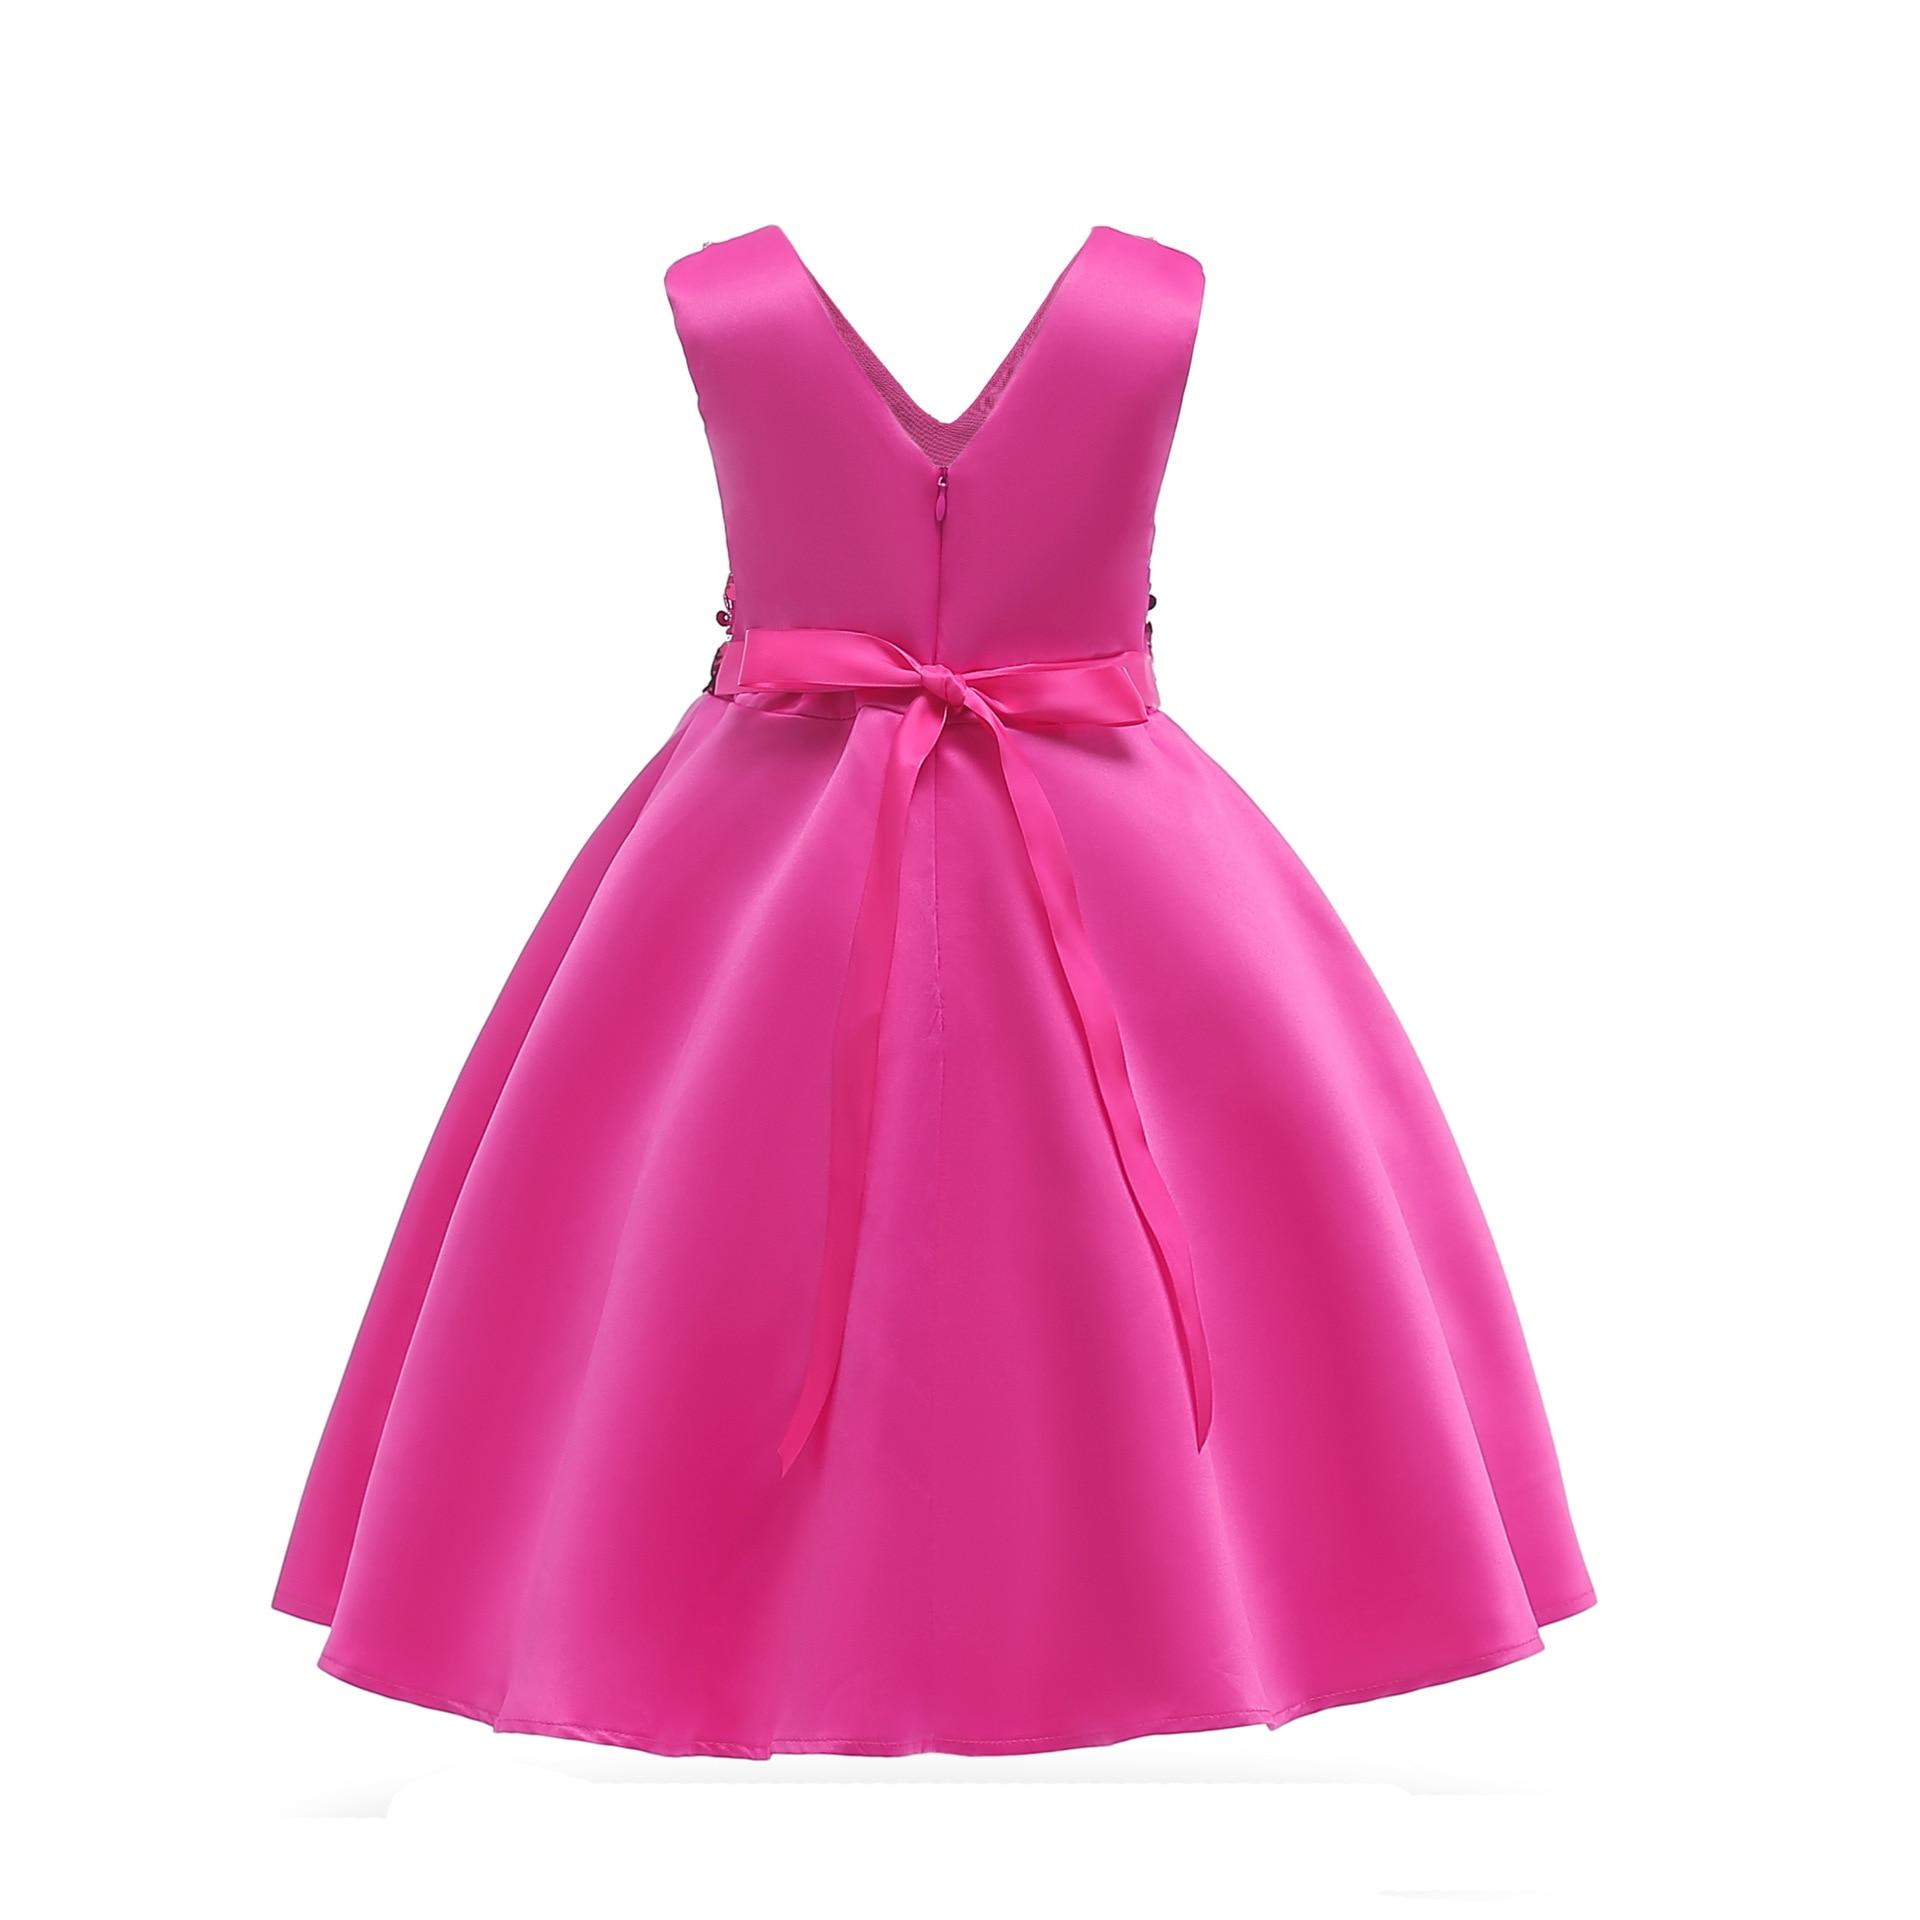 Hibyhoby 2018 nowa suknia balowa bez rękawów sukienka z cekinami - Ubrania dziecięce - Zdjęcie 5